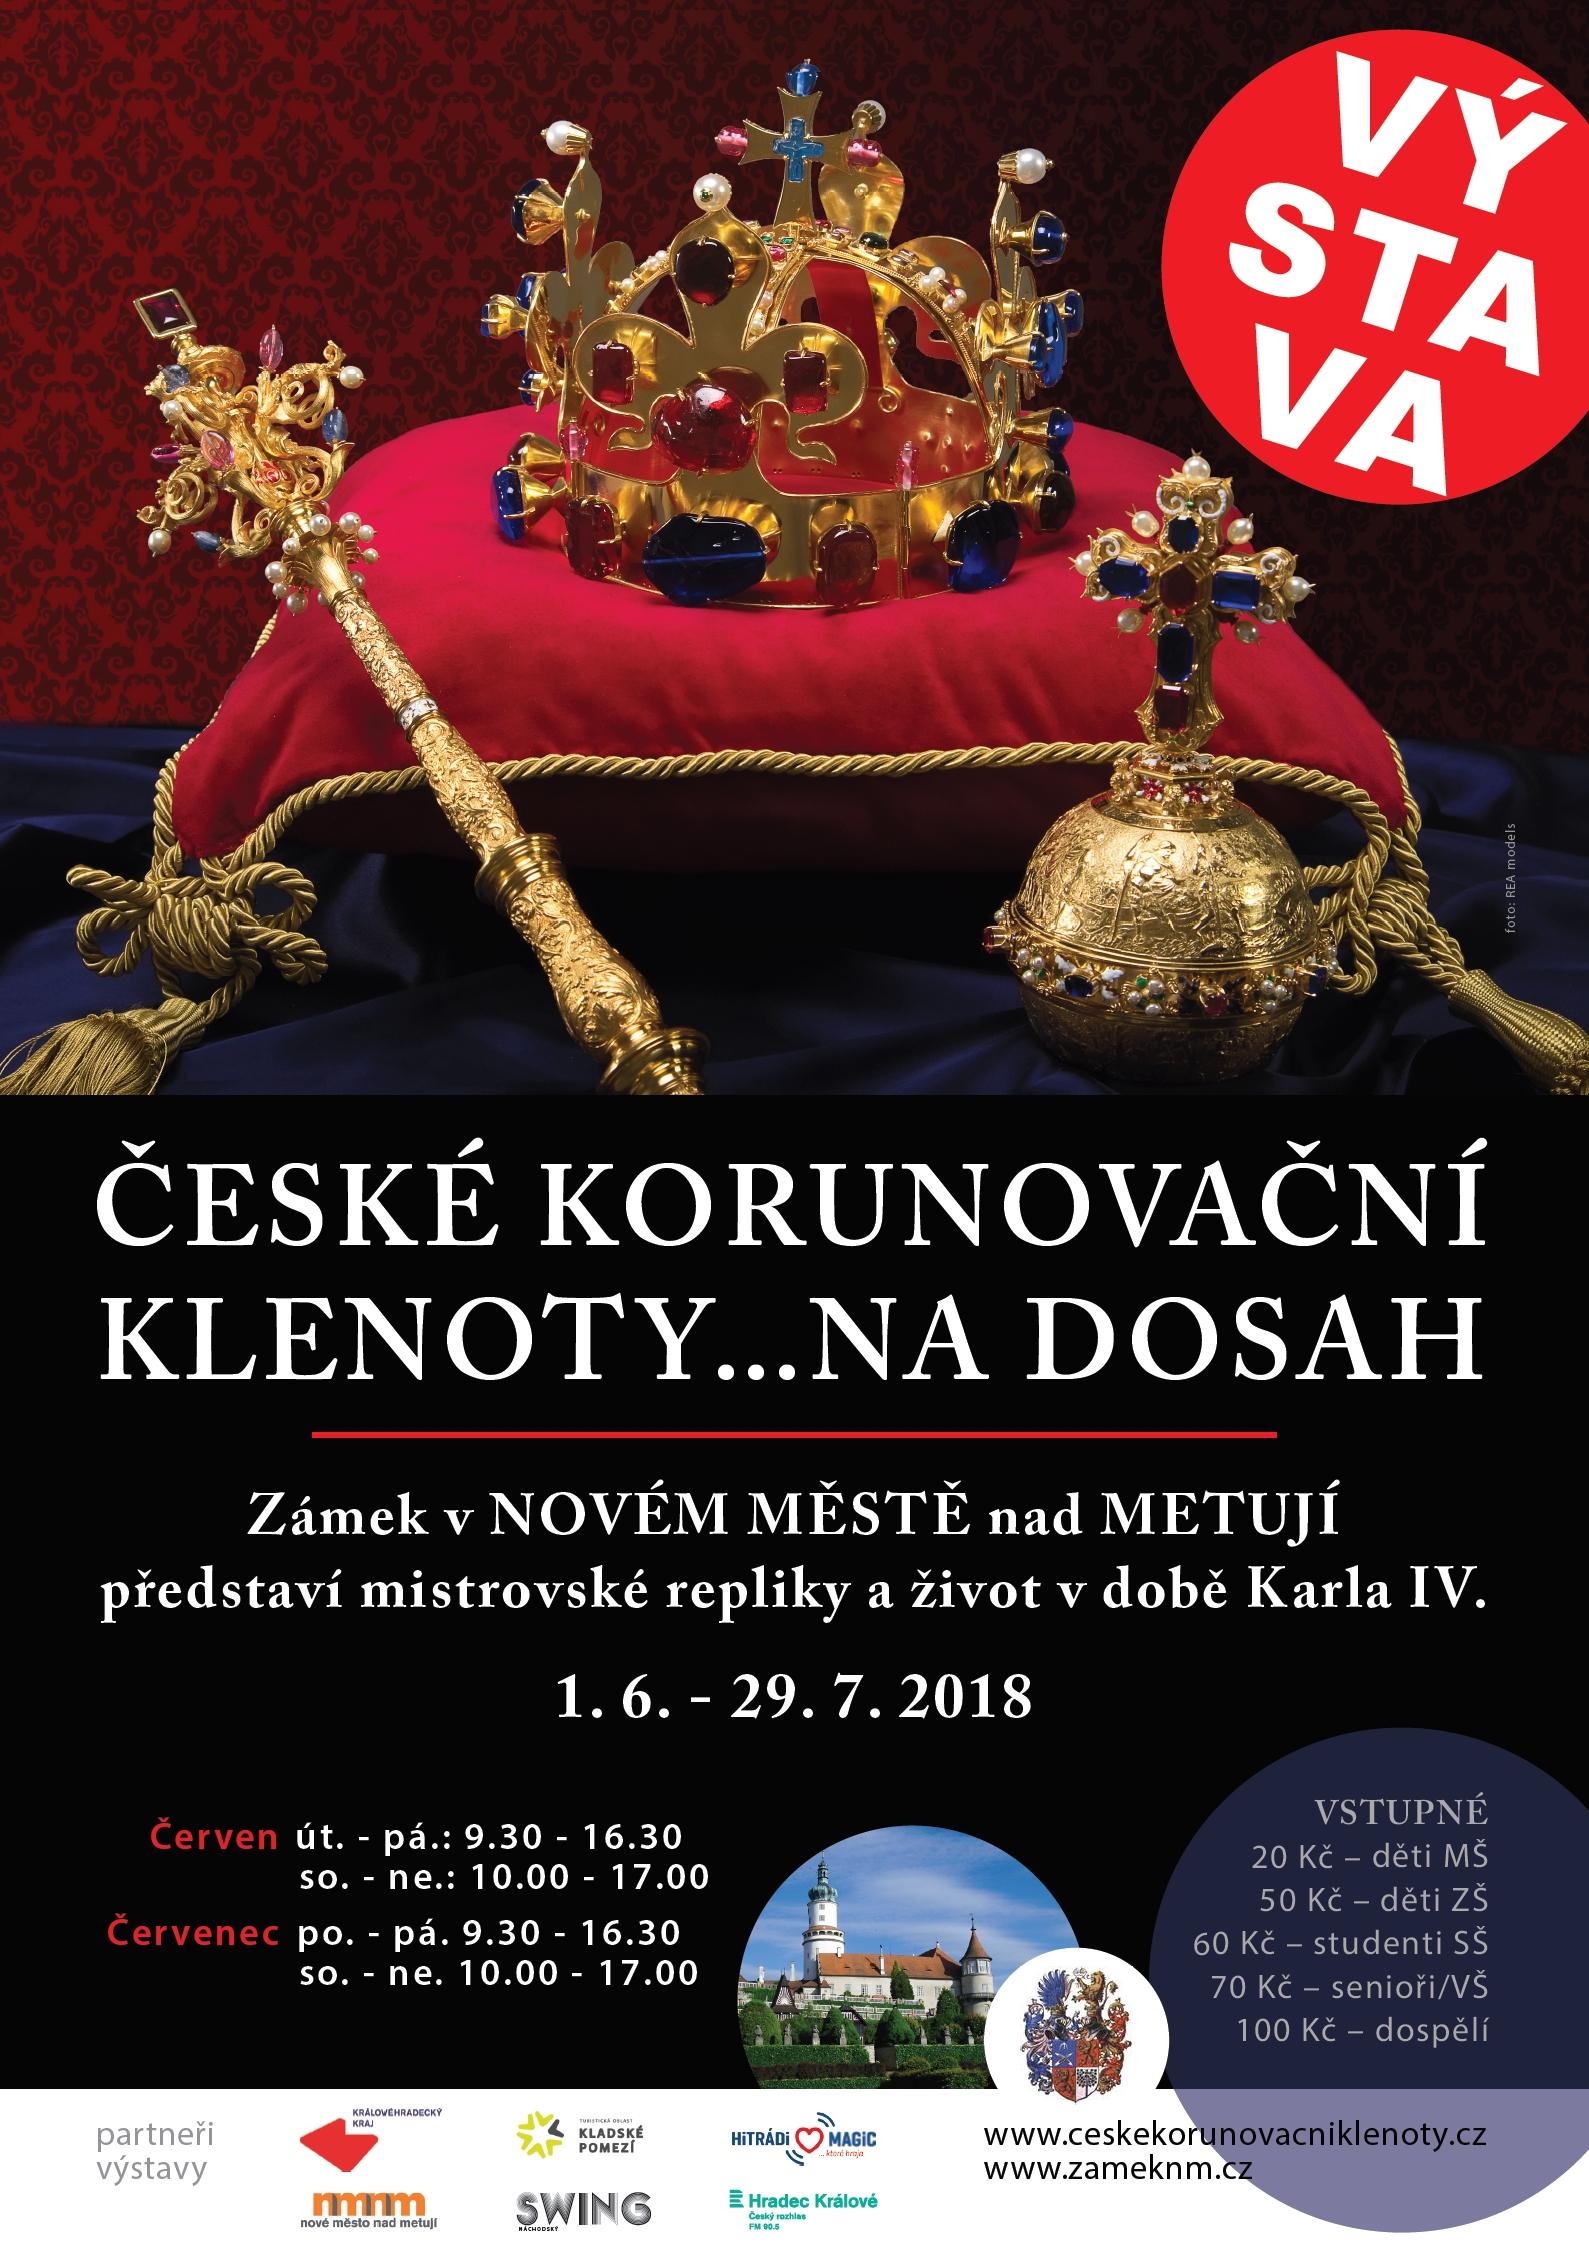 Výstava České korunovační klenoty na dosah 0507ee46a08